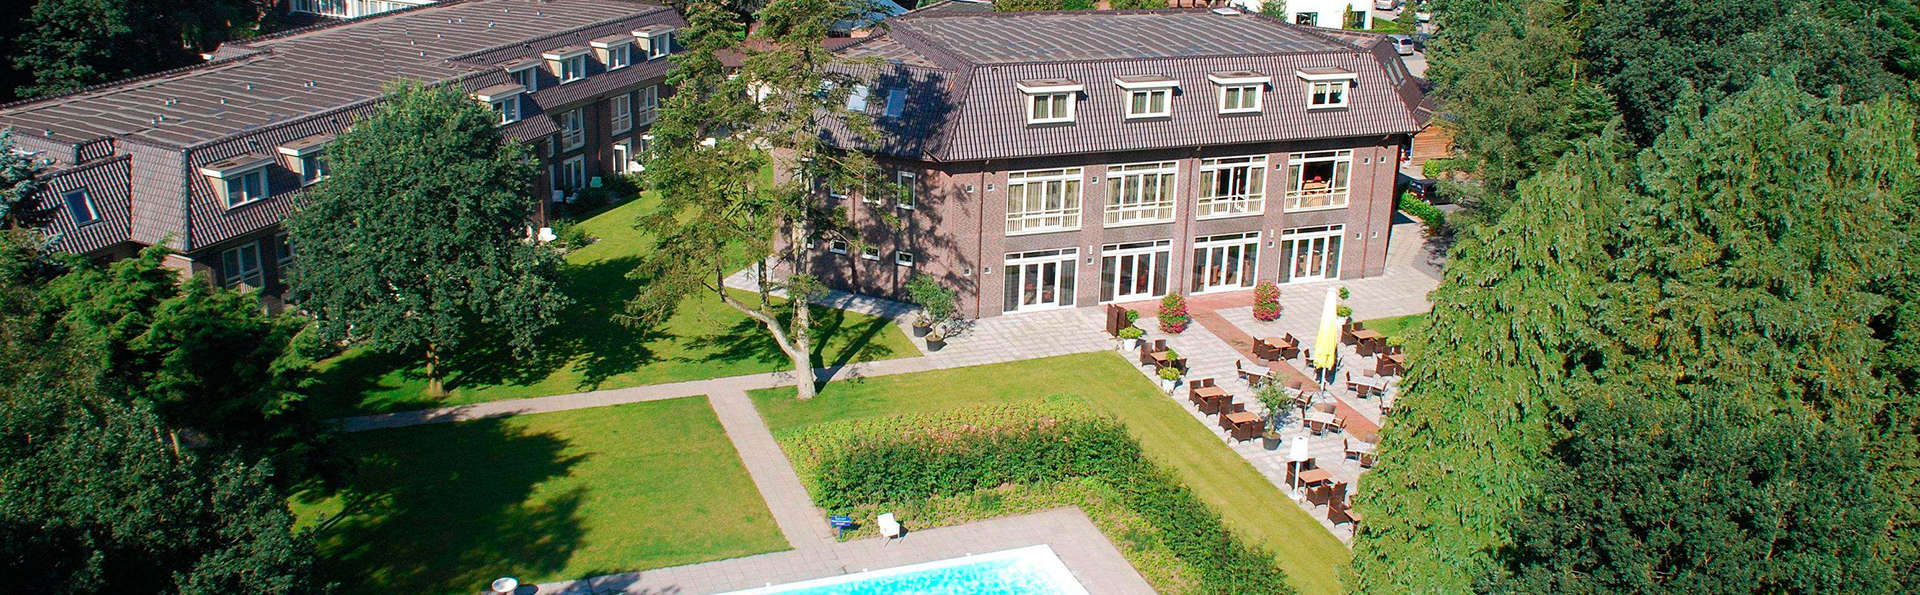 WestCord hotel de Veluwe - EDIT_aerea.jpg